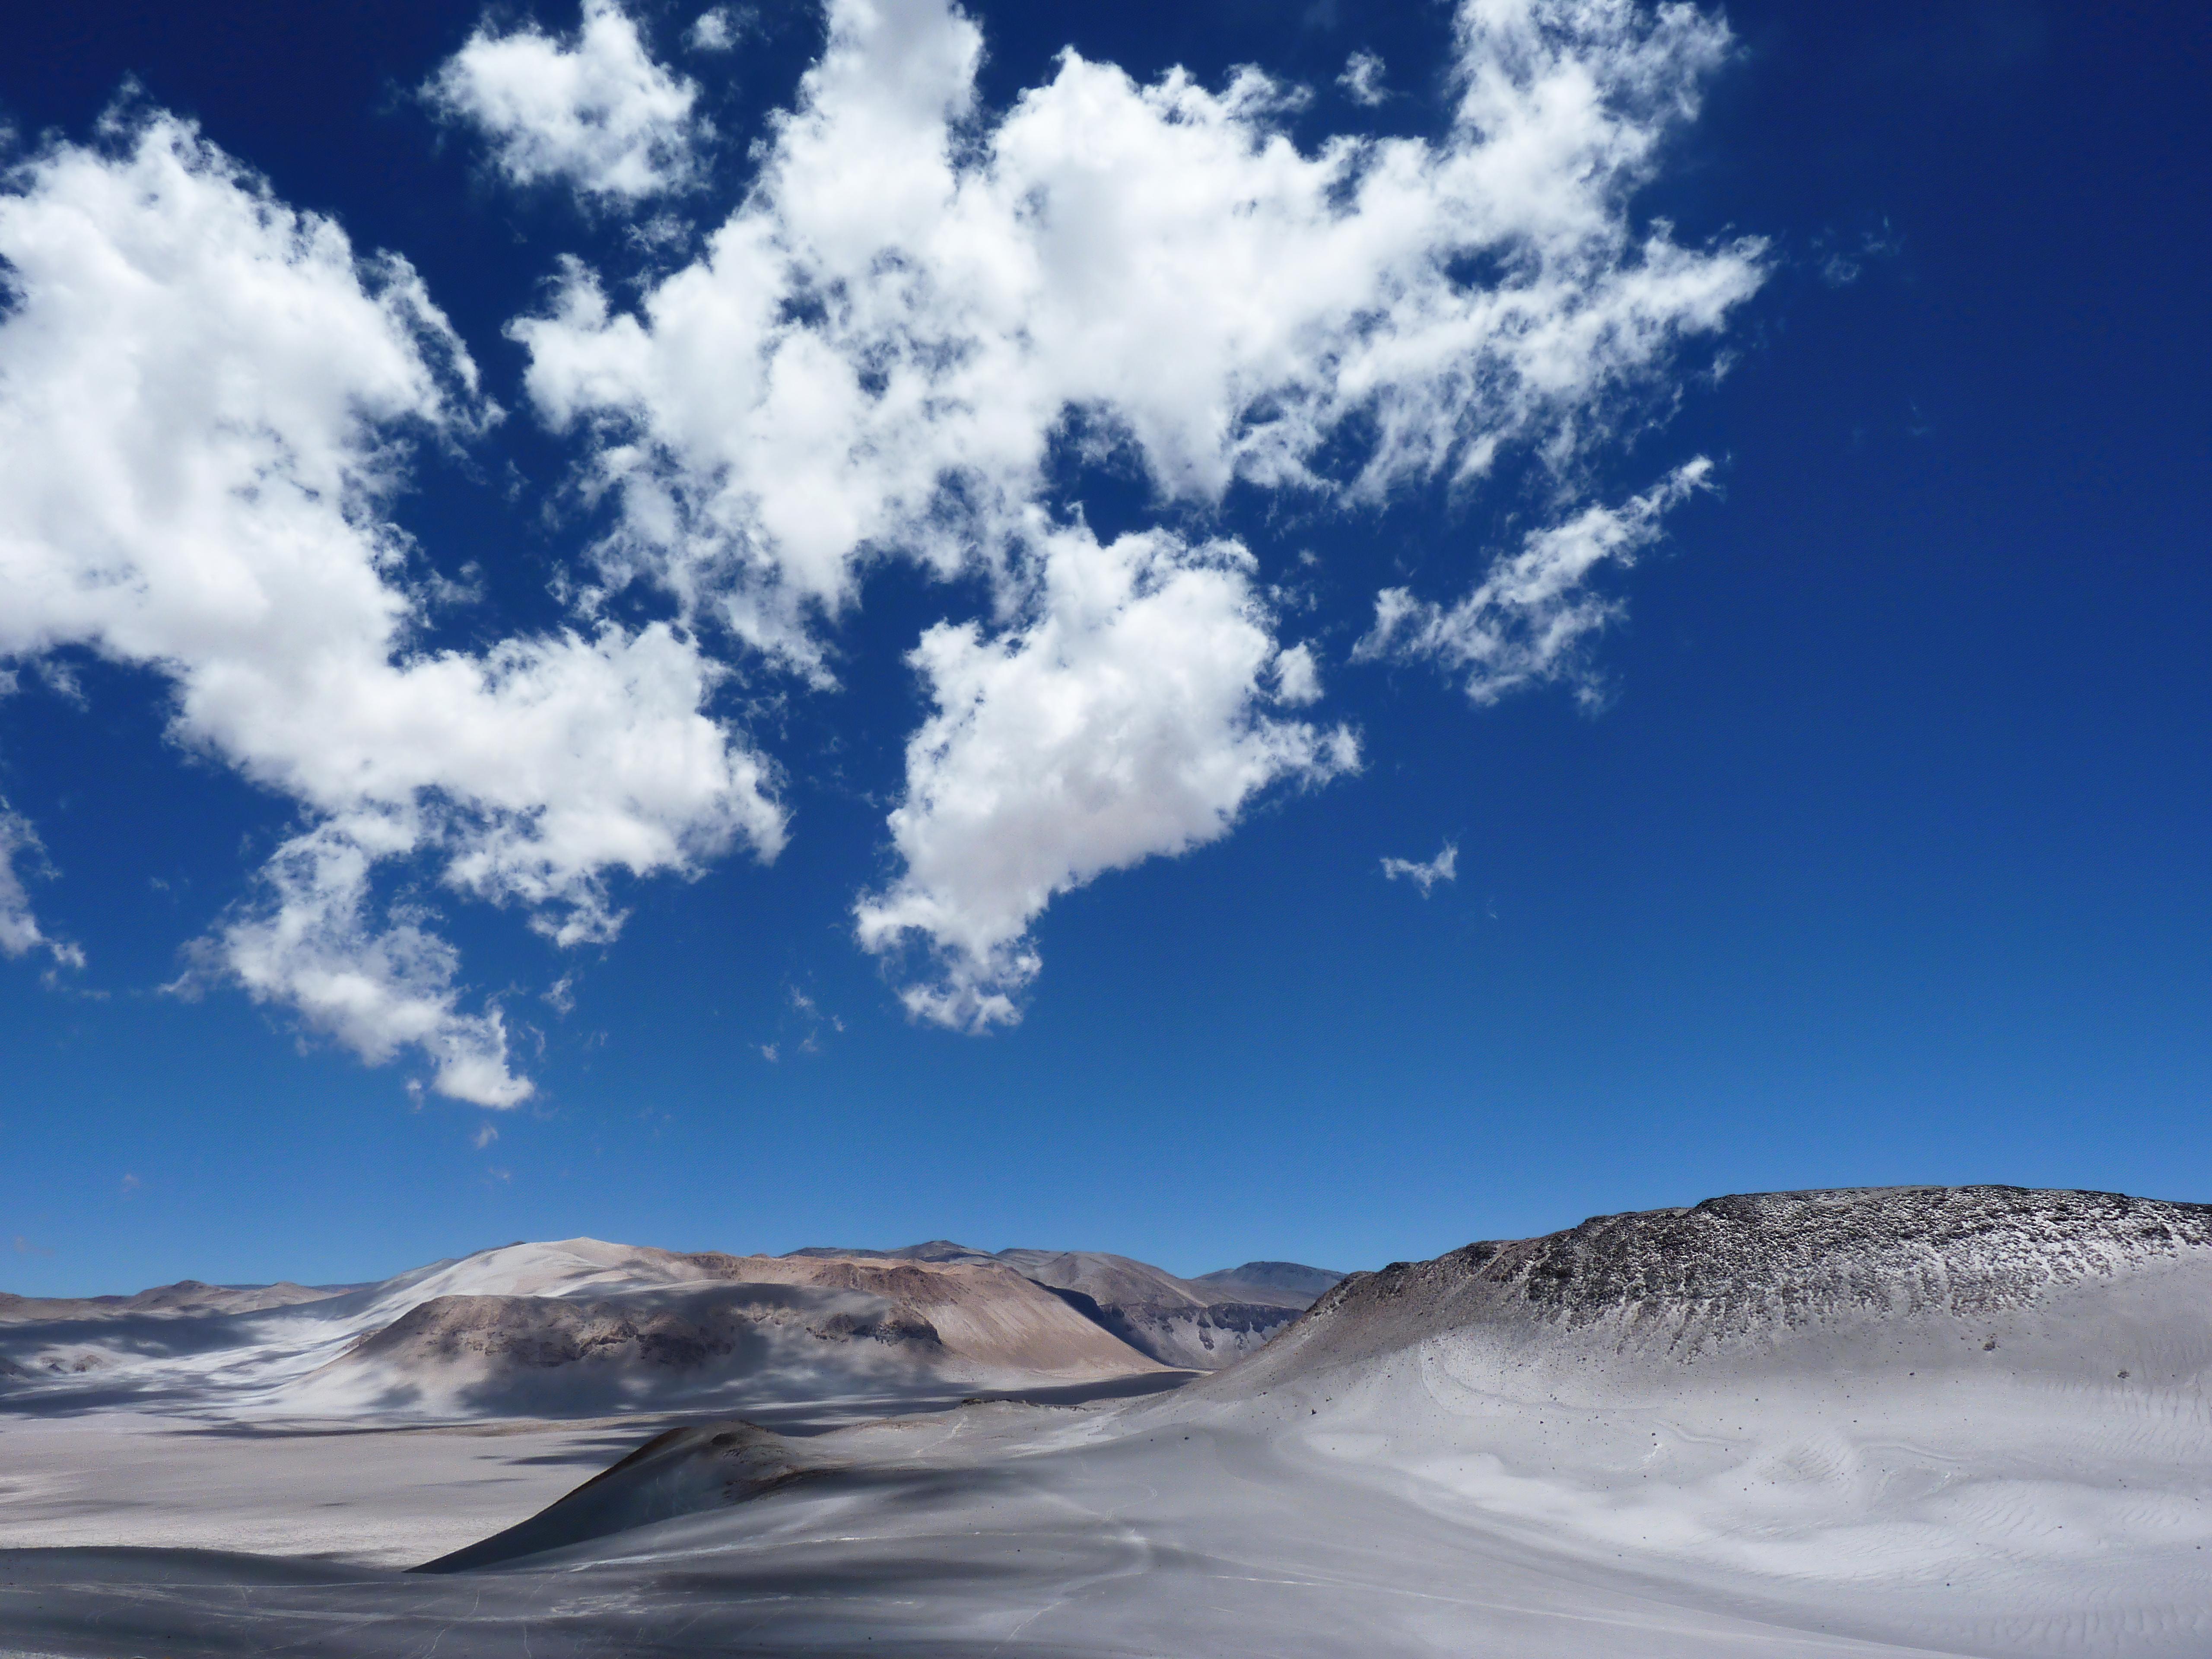 Wallpaper Desert Mountains